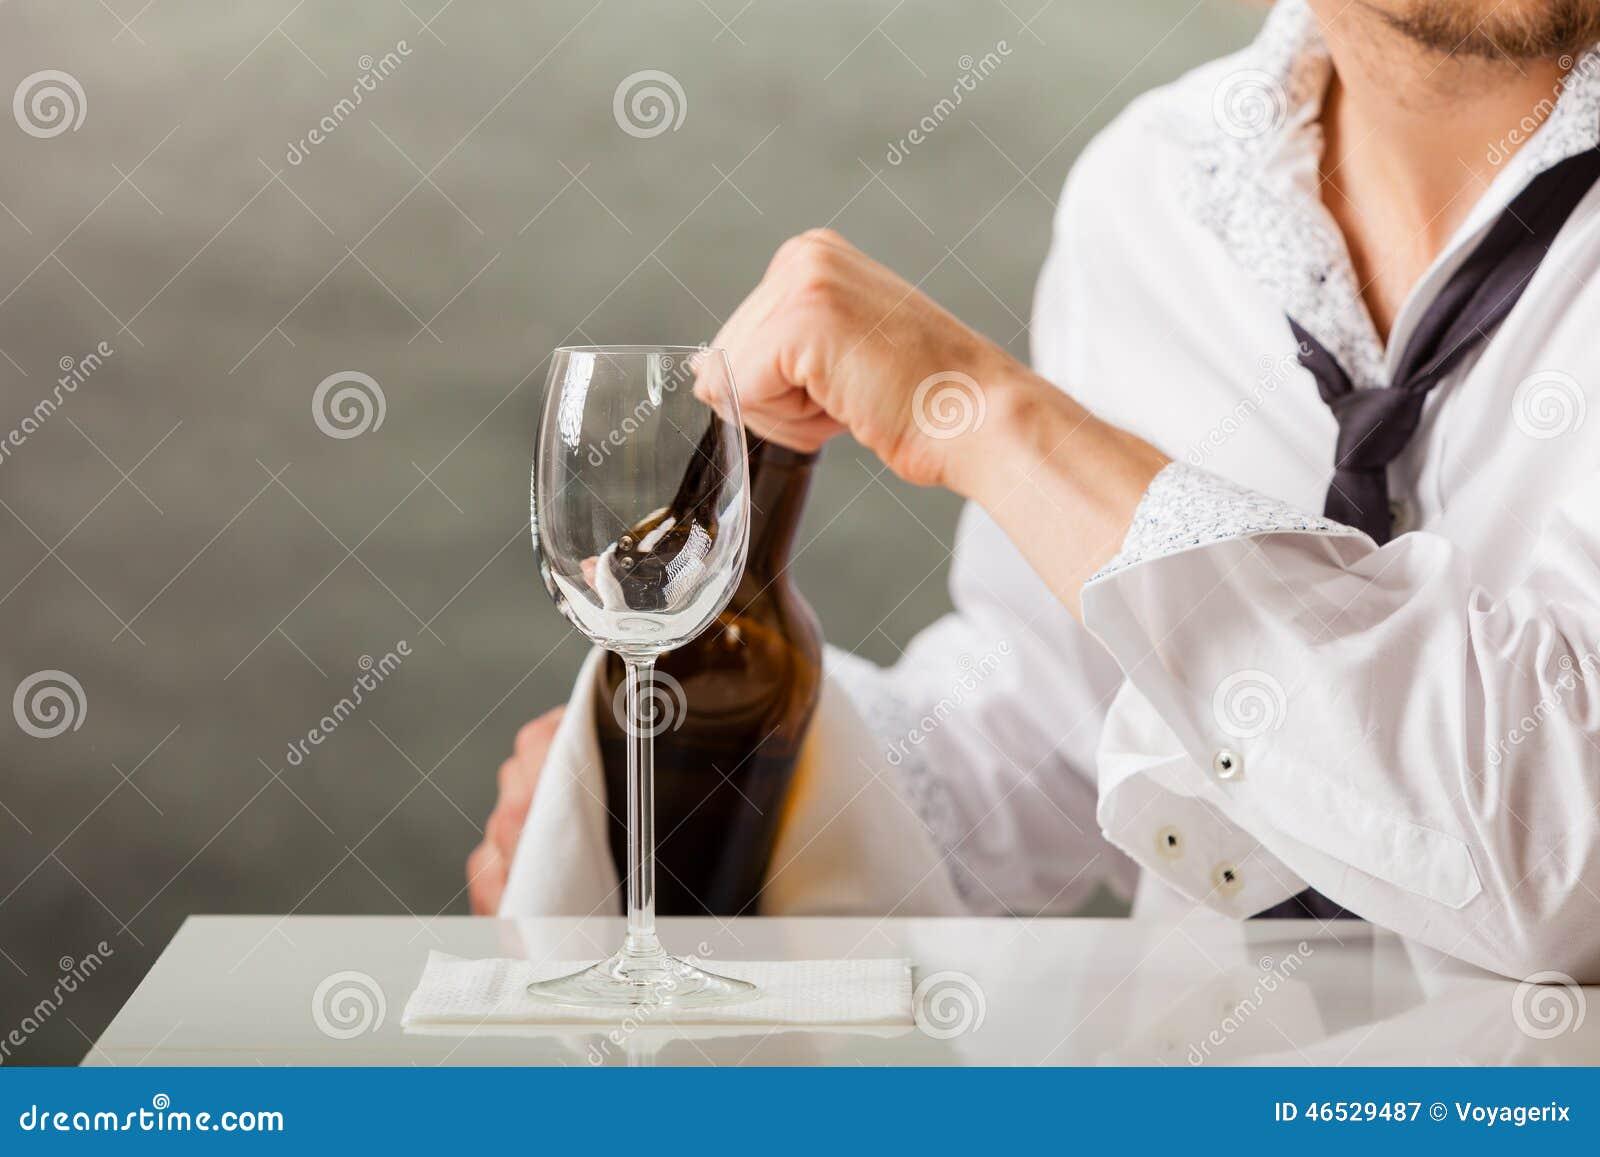 Χύνοντας κρασί σερβιτόρων ατόμων στο γυαλί